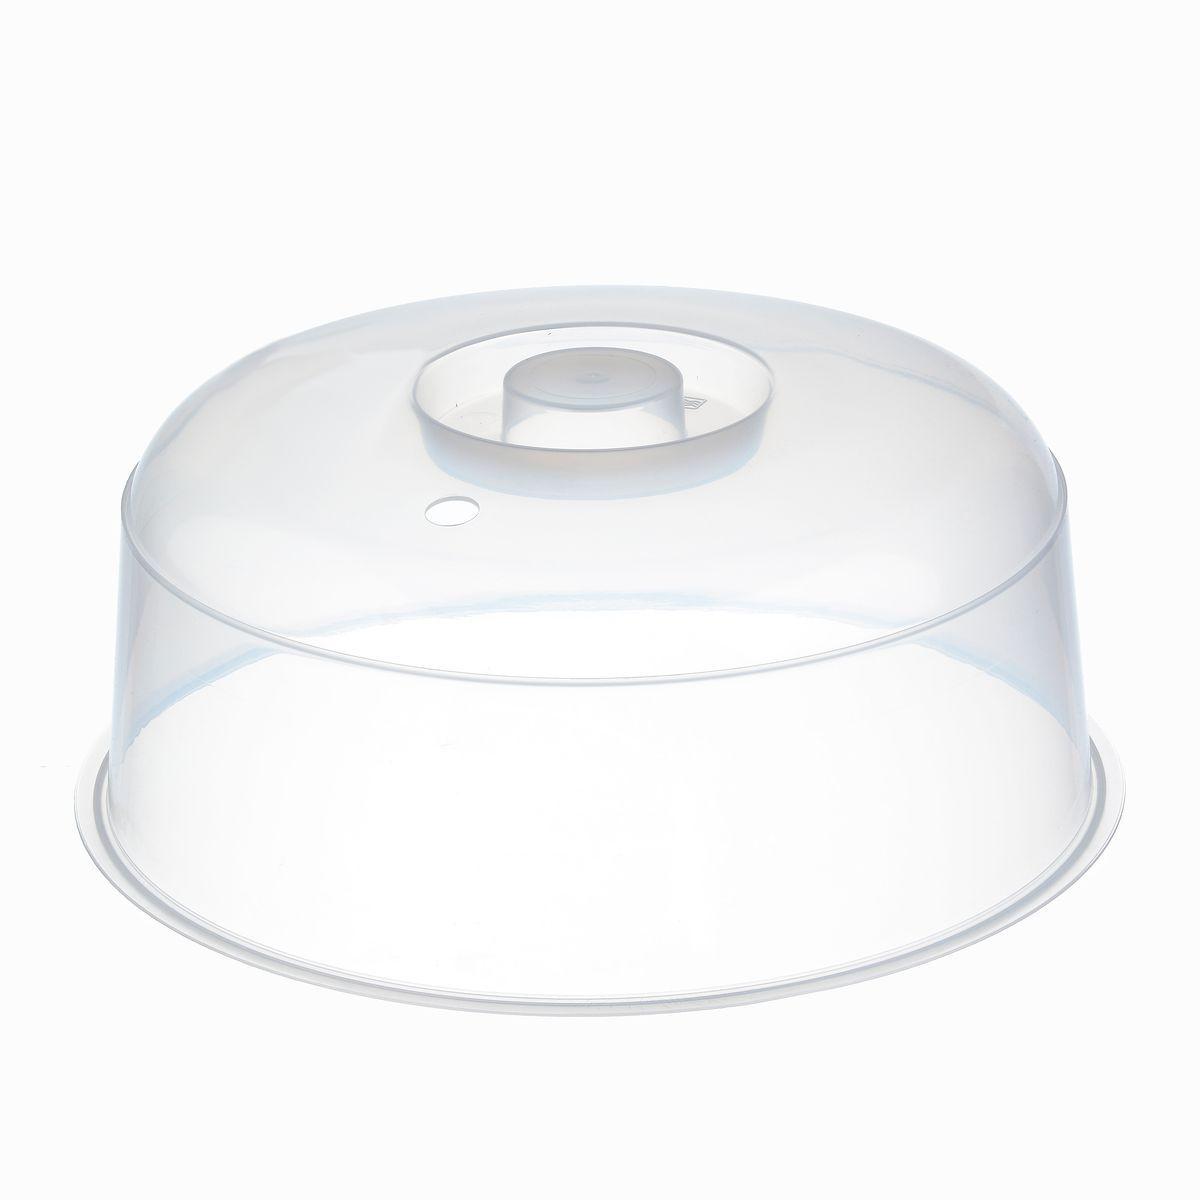 Крышка для СВЧ Idea, цвет: прозрачный, диаметр 24,5 смМ 1415Крышка для СВЧ Idea с отверстием для выпуска пара предохраняет внутреннюю поверхность микроволновой печи от брызг во время разогрева пищи. Изготовлена из высококачественного пищевого пластика.Диаметр крышки: 24,5 см.